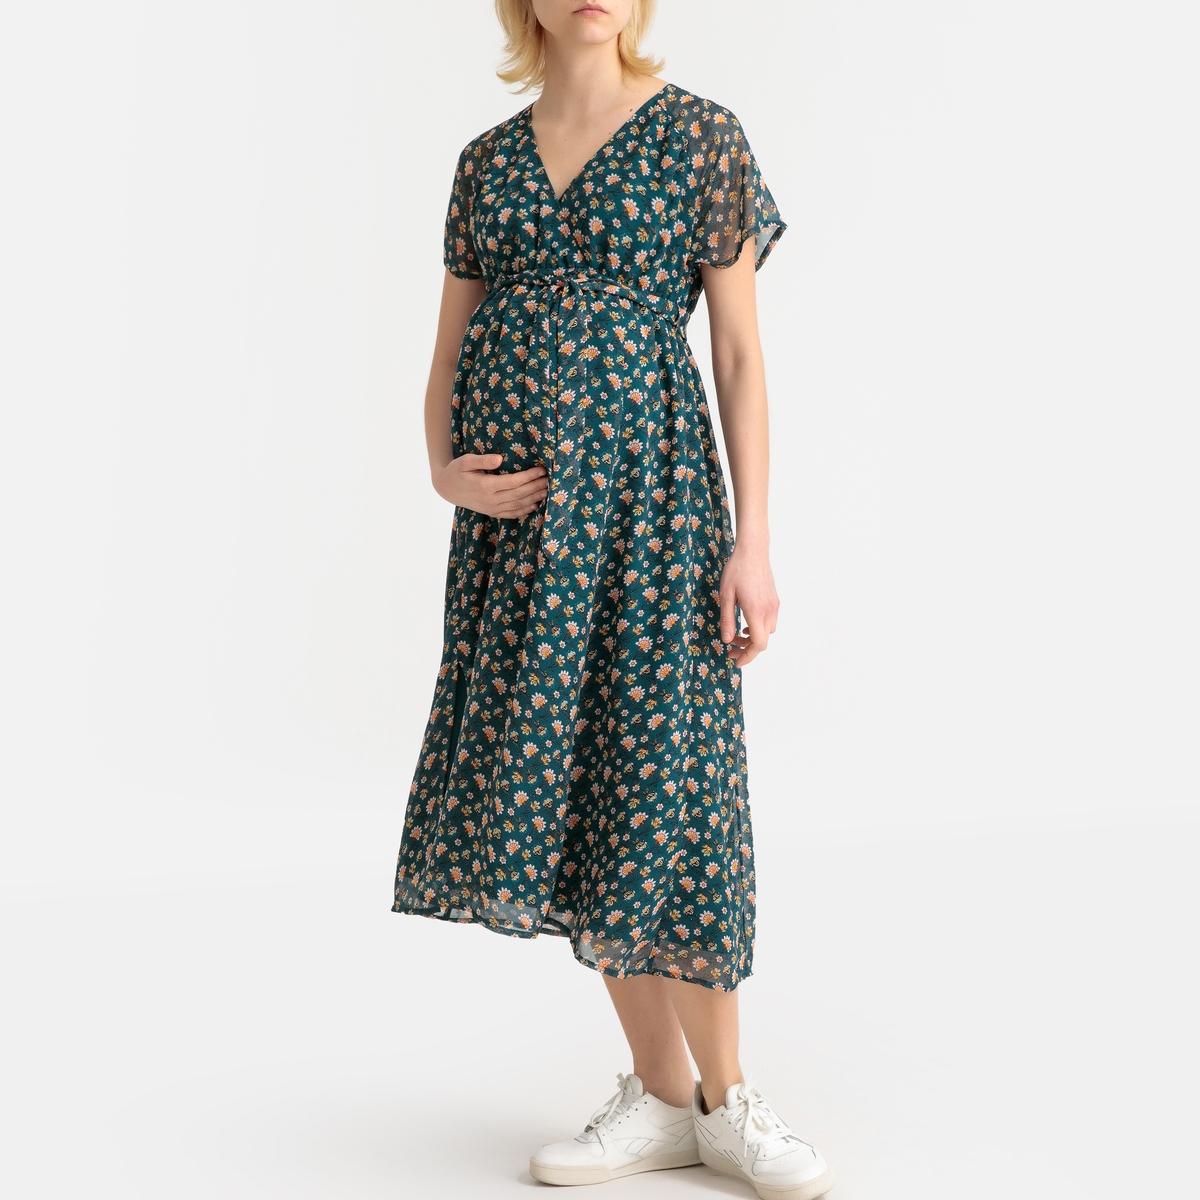 Vestido com estampado floral, mangas curtas, para grávida